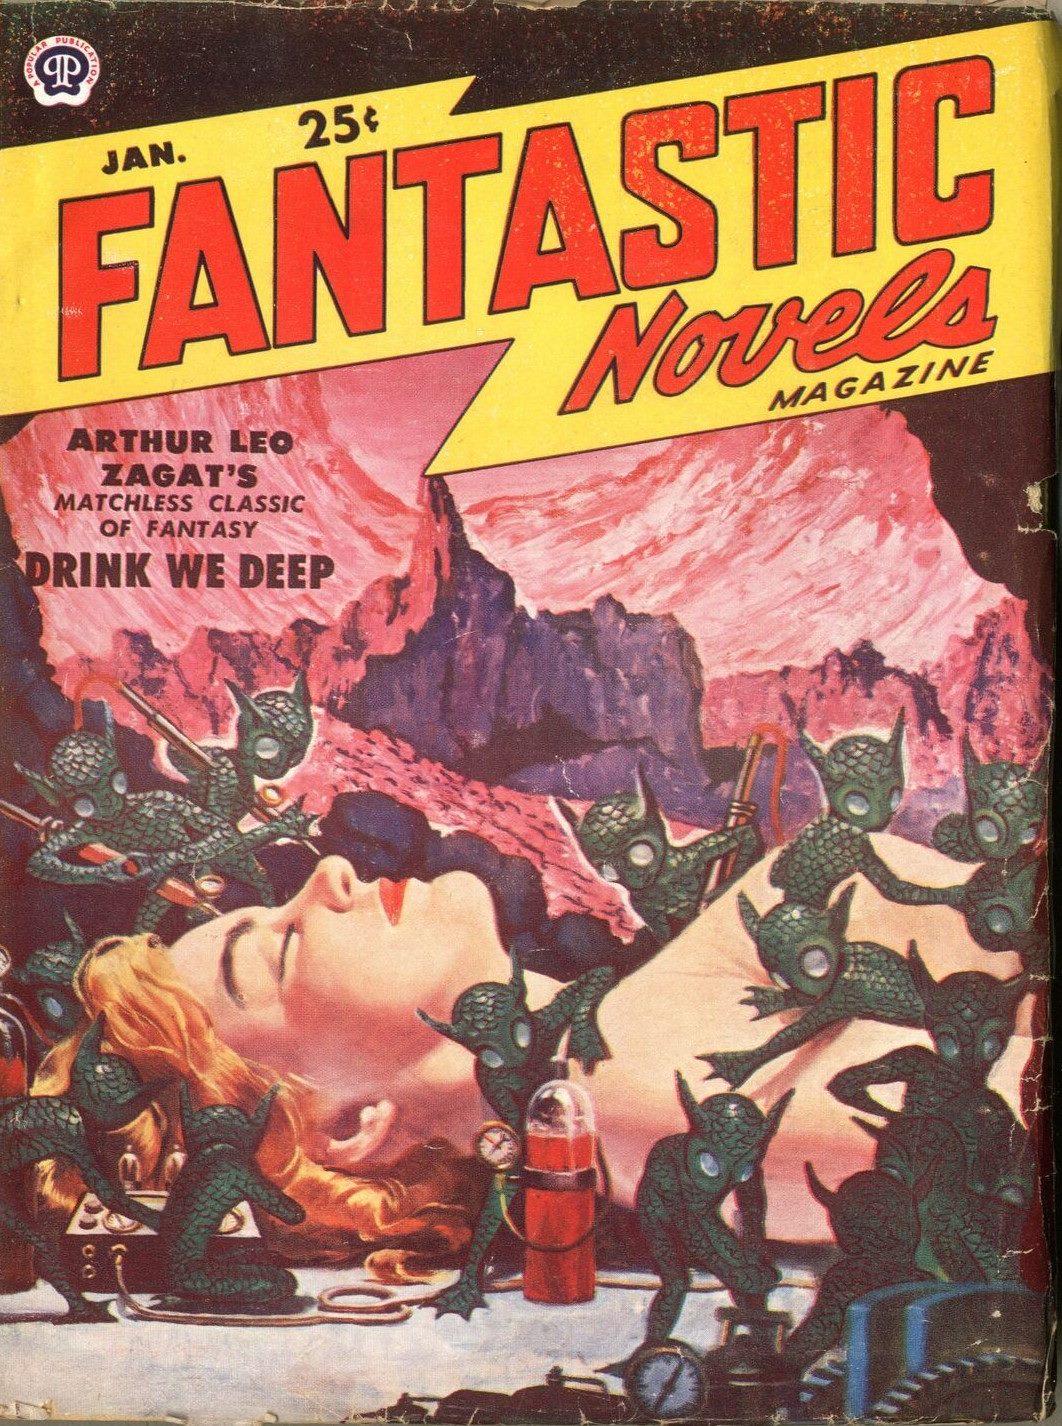 Fantastic Novels Magazine January 1951